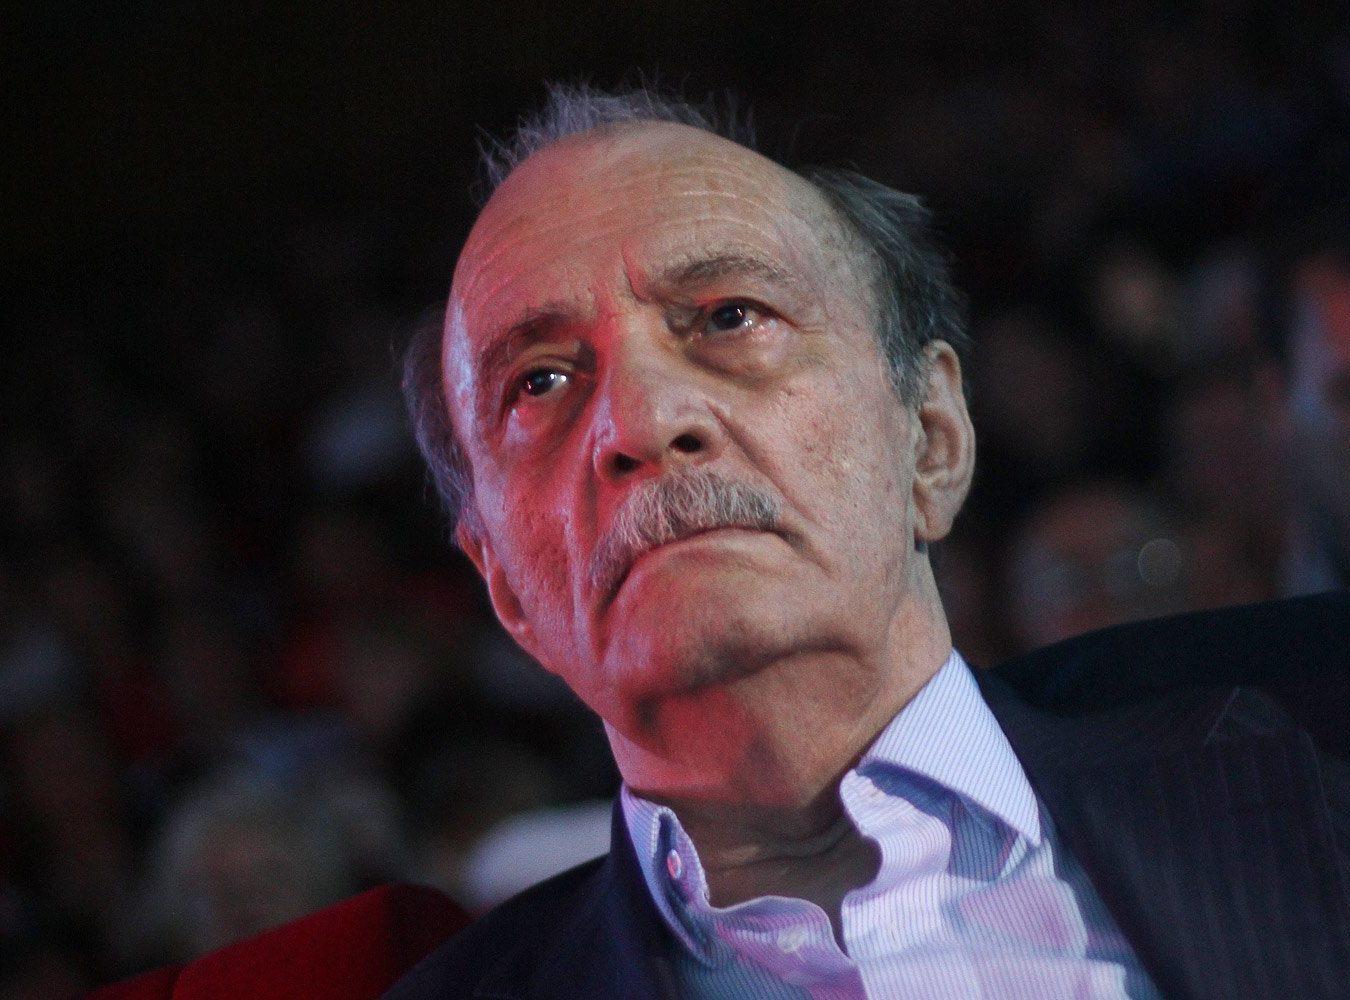 Умер Георгий Данелия: деятели кино и медиа вспоминают режиссера